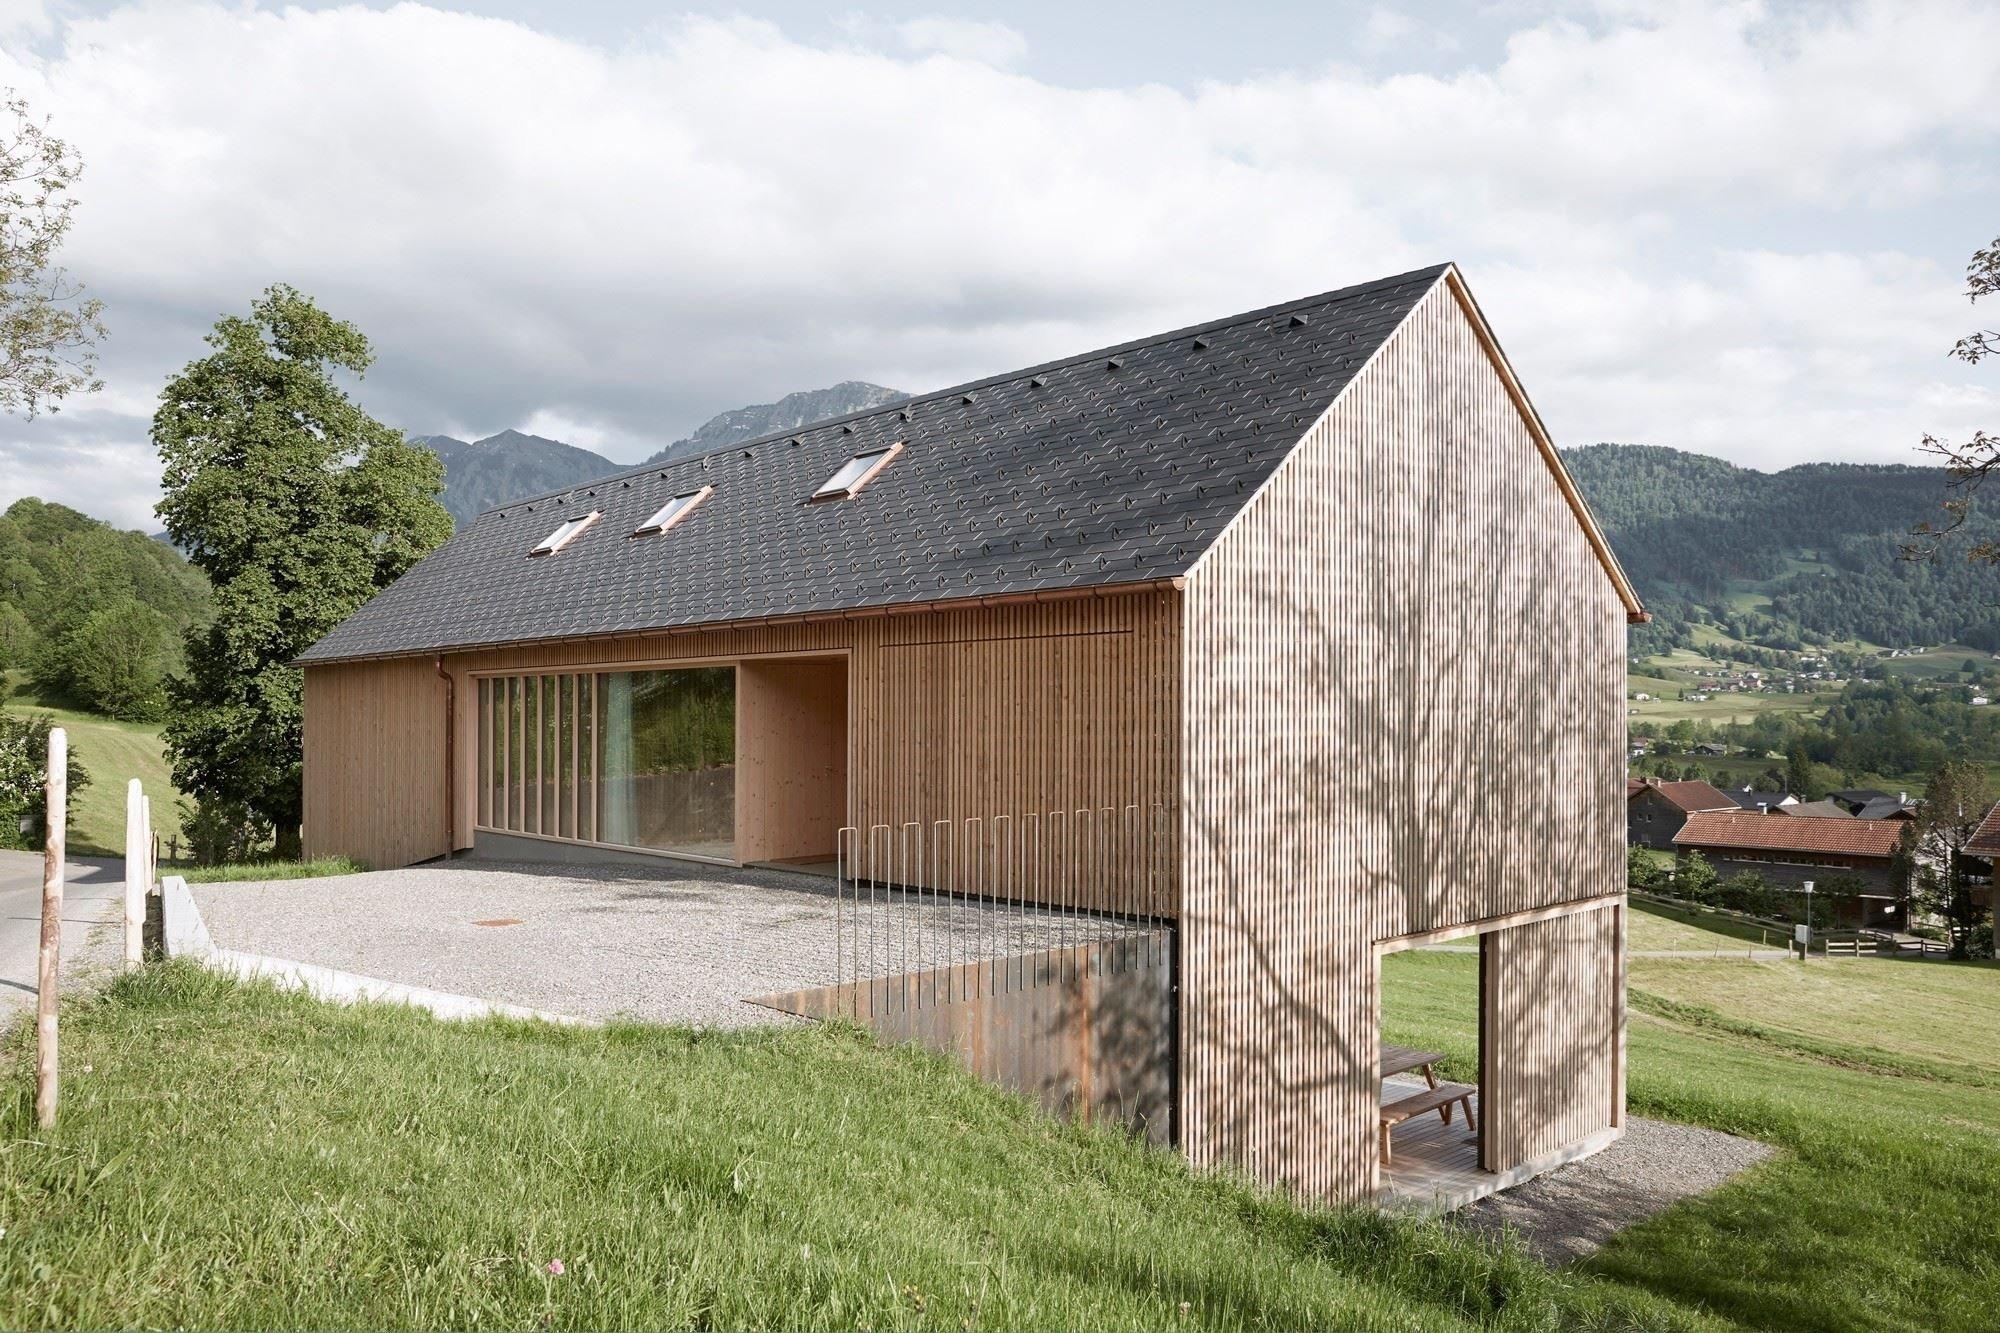 Dřevostavba v rakouských horách